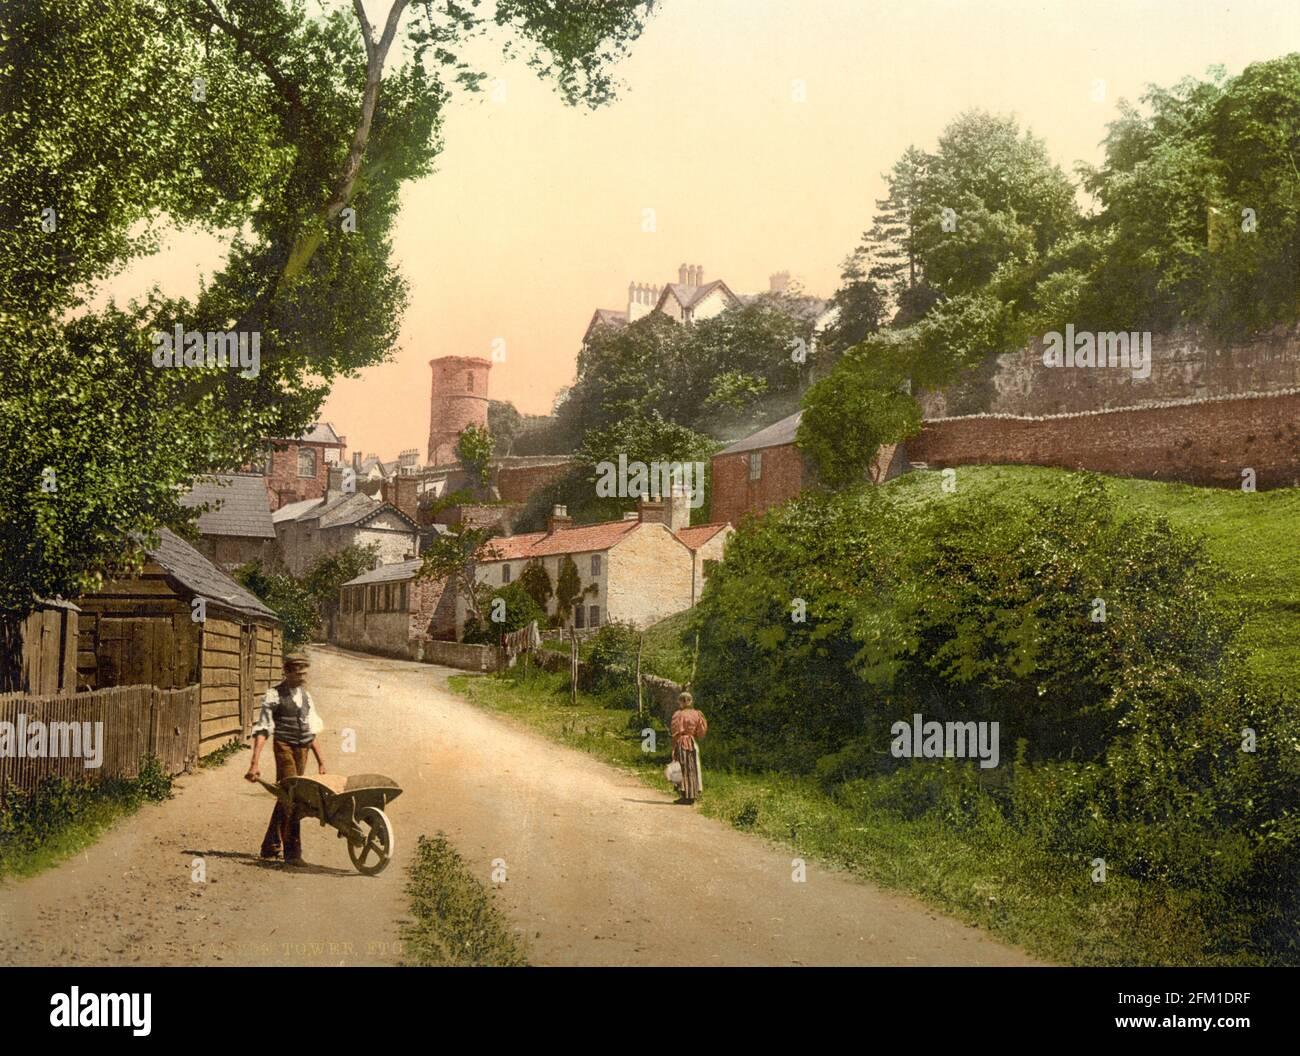 Una escena callejera de Ross-on-Wye en Herefordshire, alrededor de 1890-1900 Foto de stock